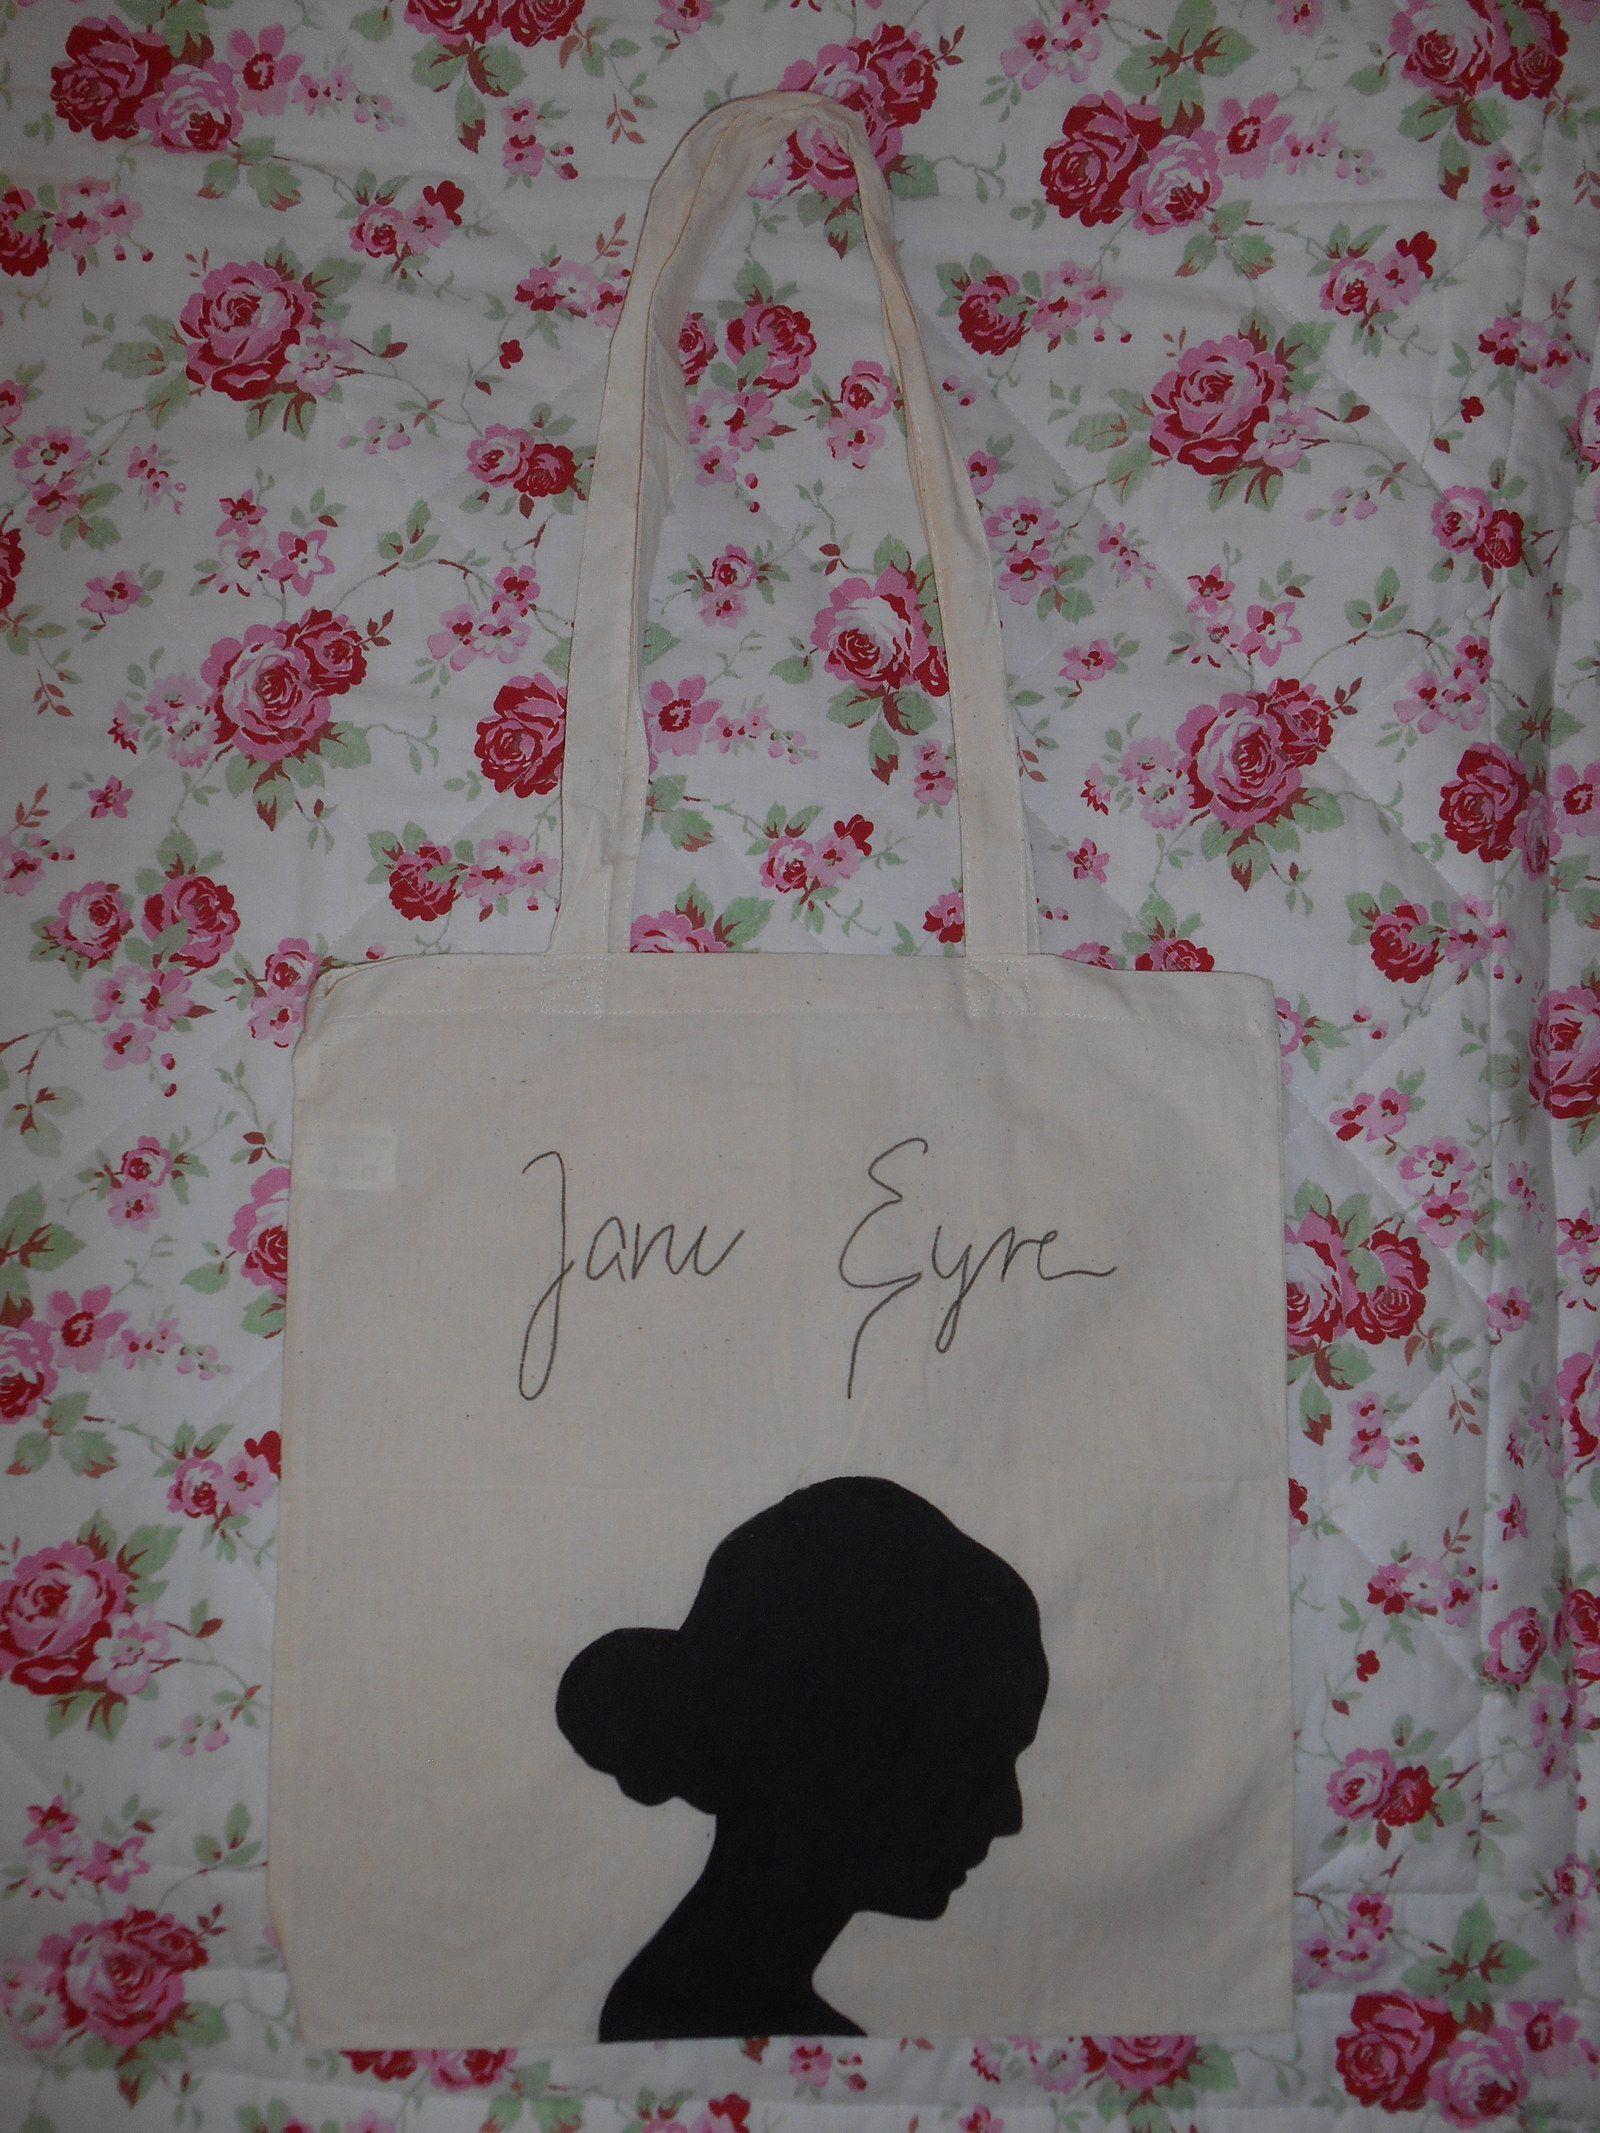 b0cfe1f30 Plátěná taška Jane Eyre Ručně malovaná plátěná taška s dlouhými uchy,  možnost nakreslení i na